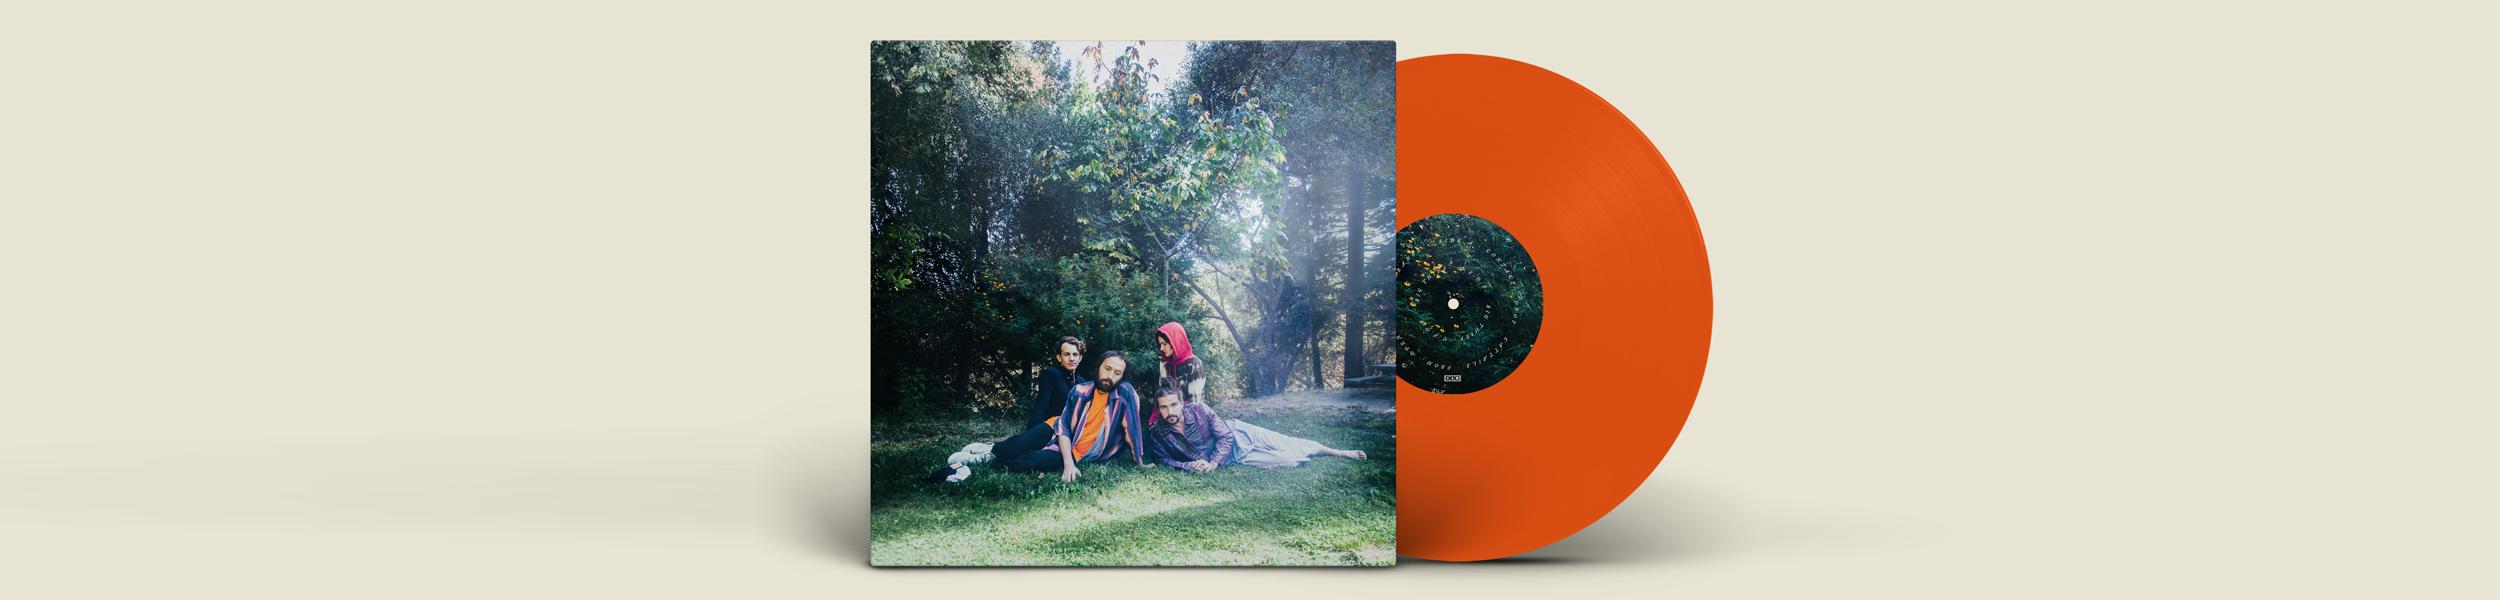 Big Thief - New Album 'U.F.O.F.', Single Out Now